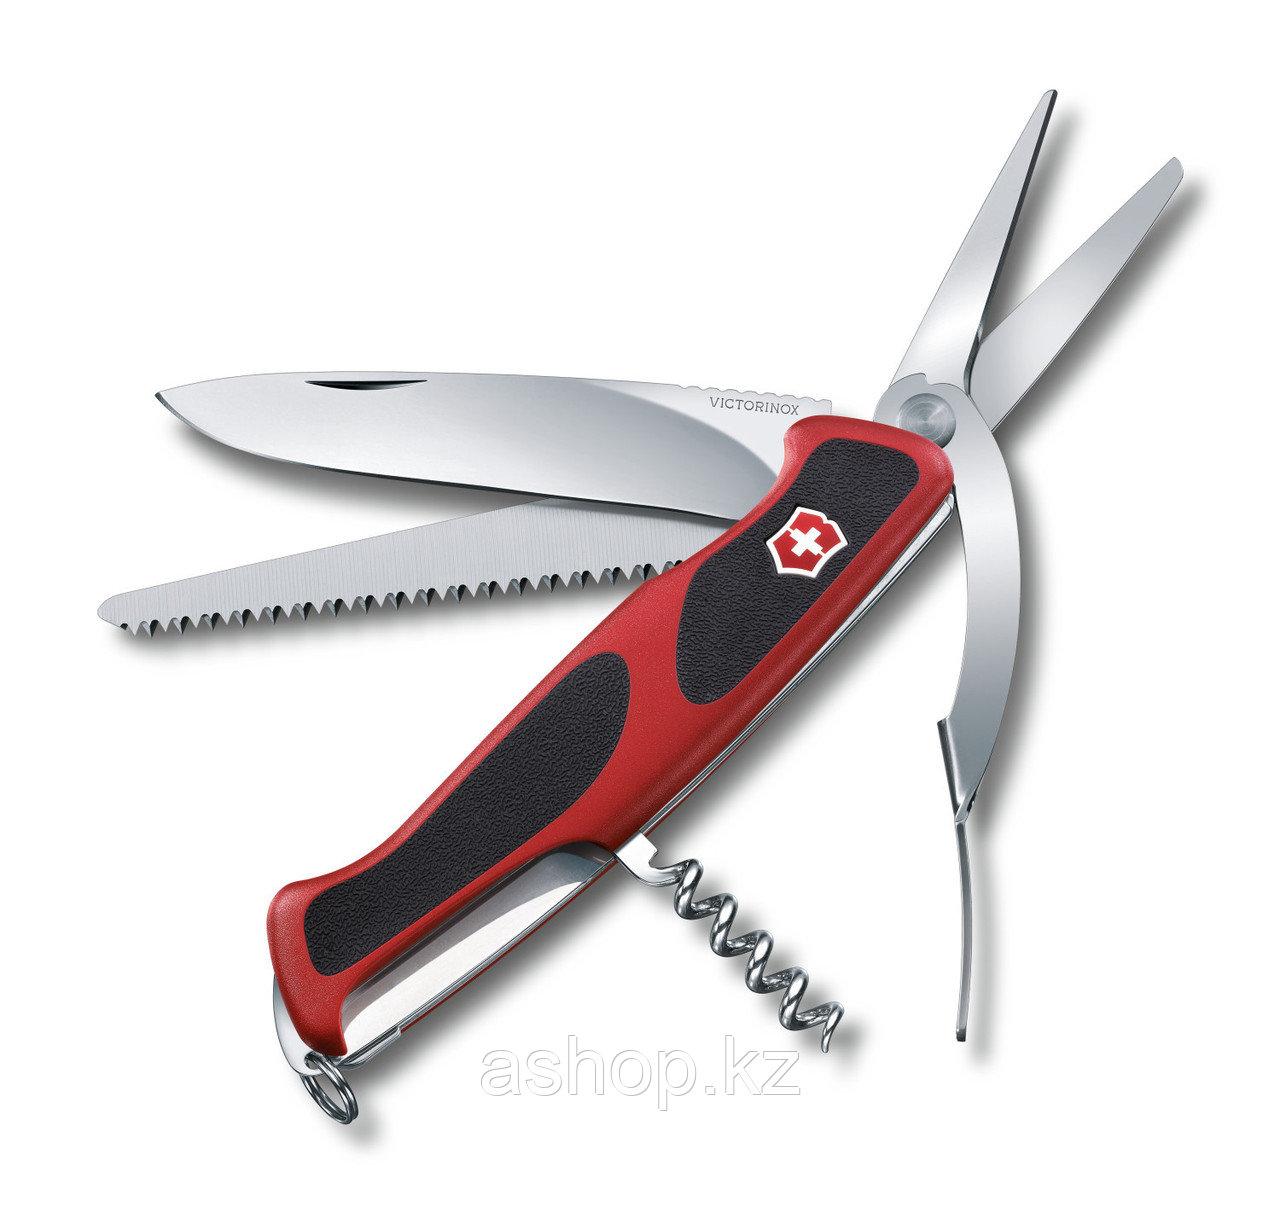 Нож складной карманный Victorinox RangerGrip 71 Gardener, Функционал: Туризм, Кол-во функций: 7 в 1, Цвет: Кра